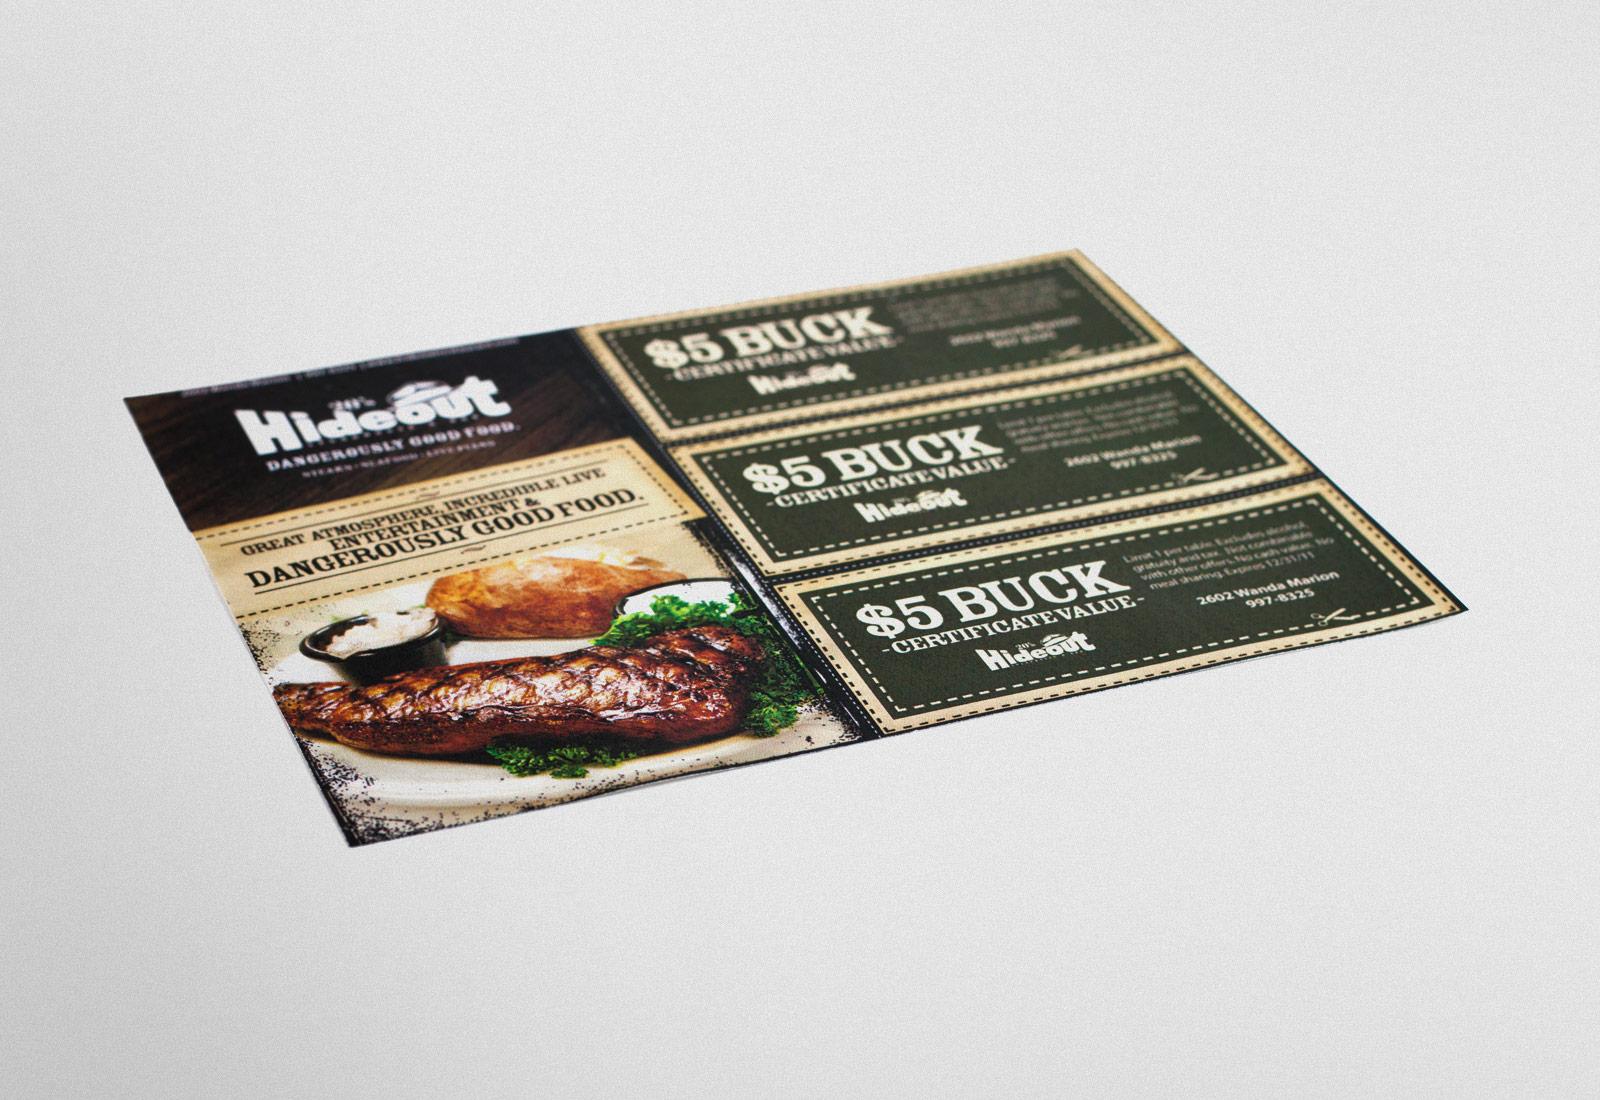 Hideout Steakhouse $5 Buck Certificate